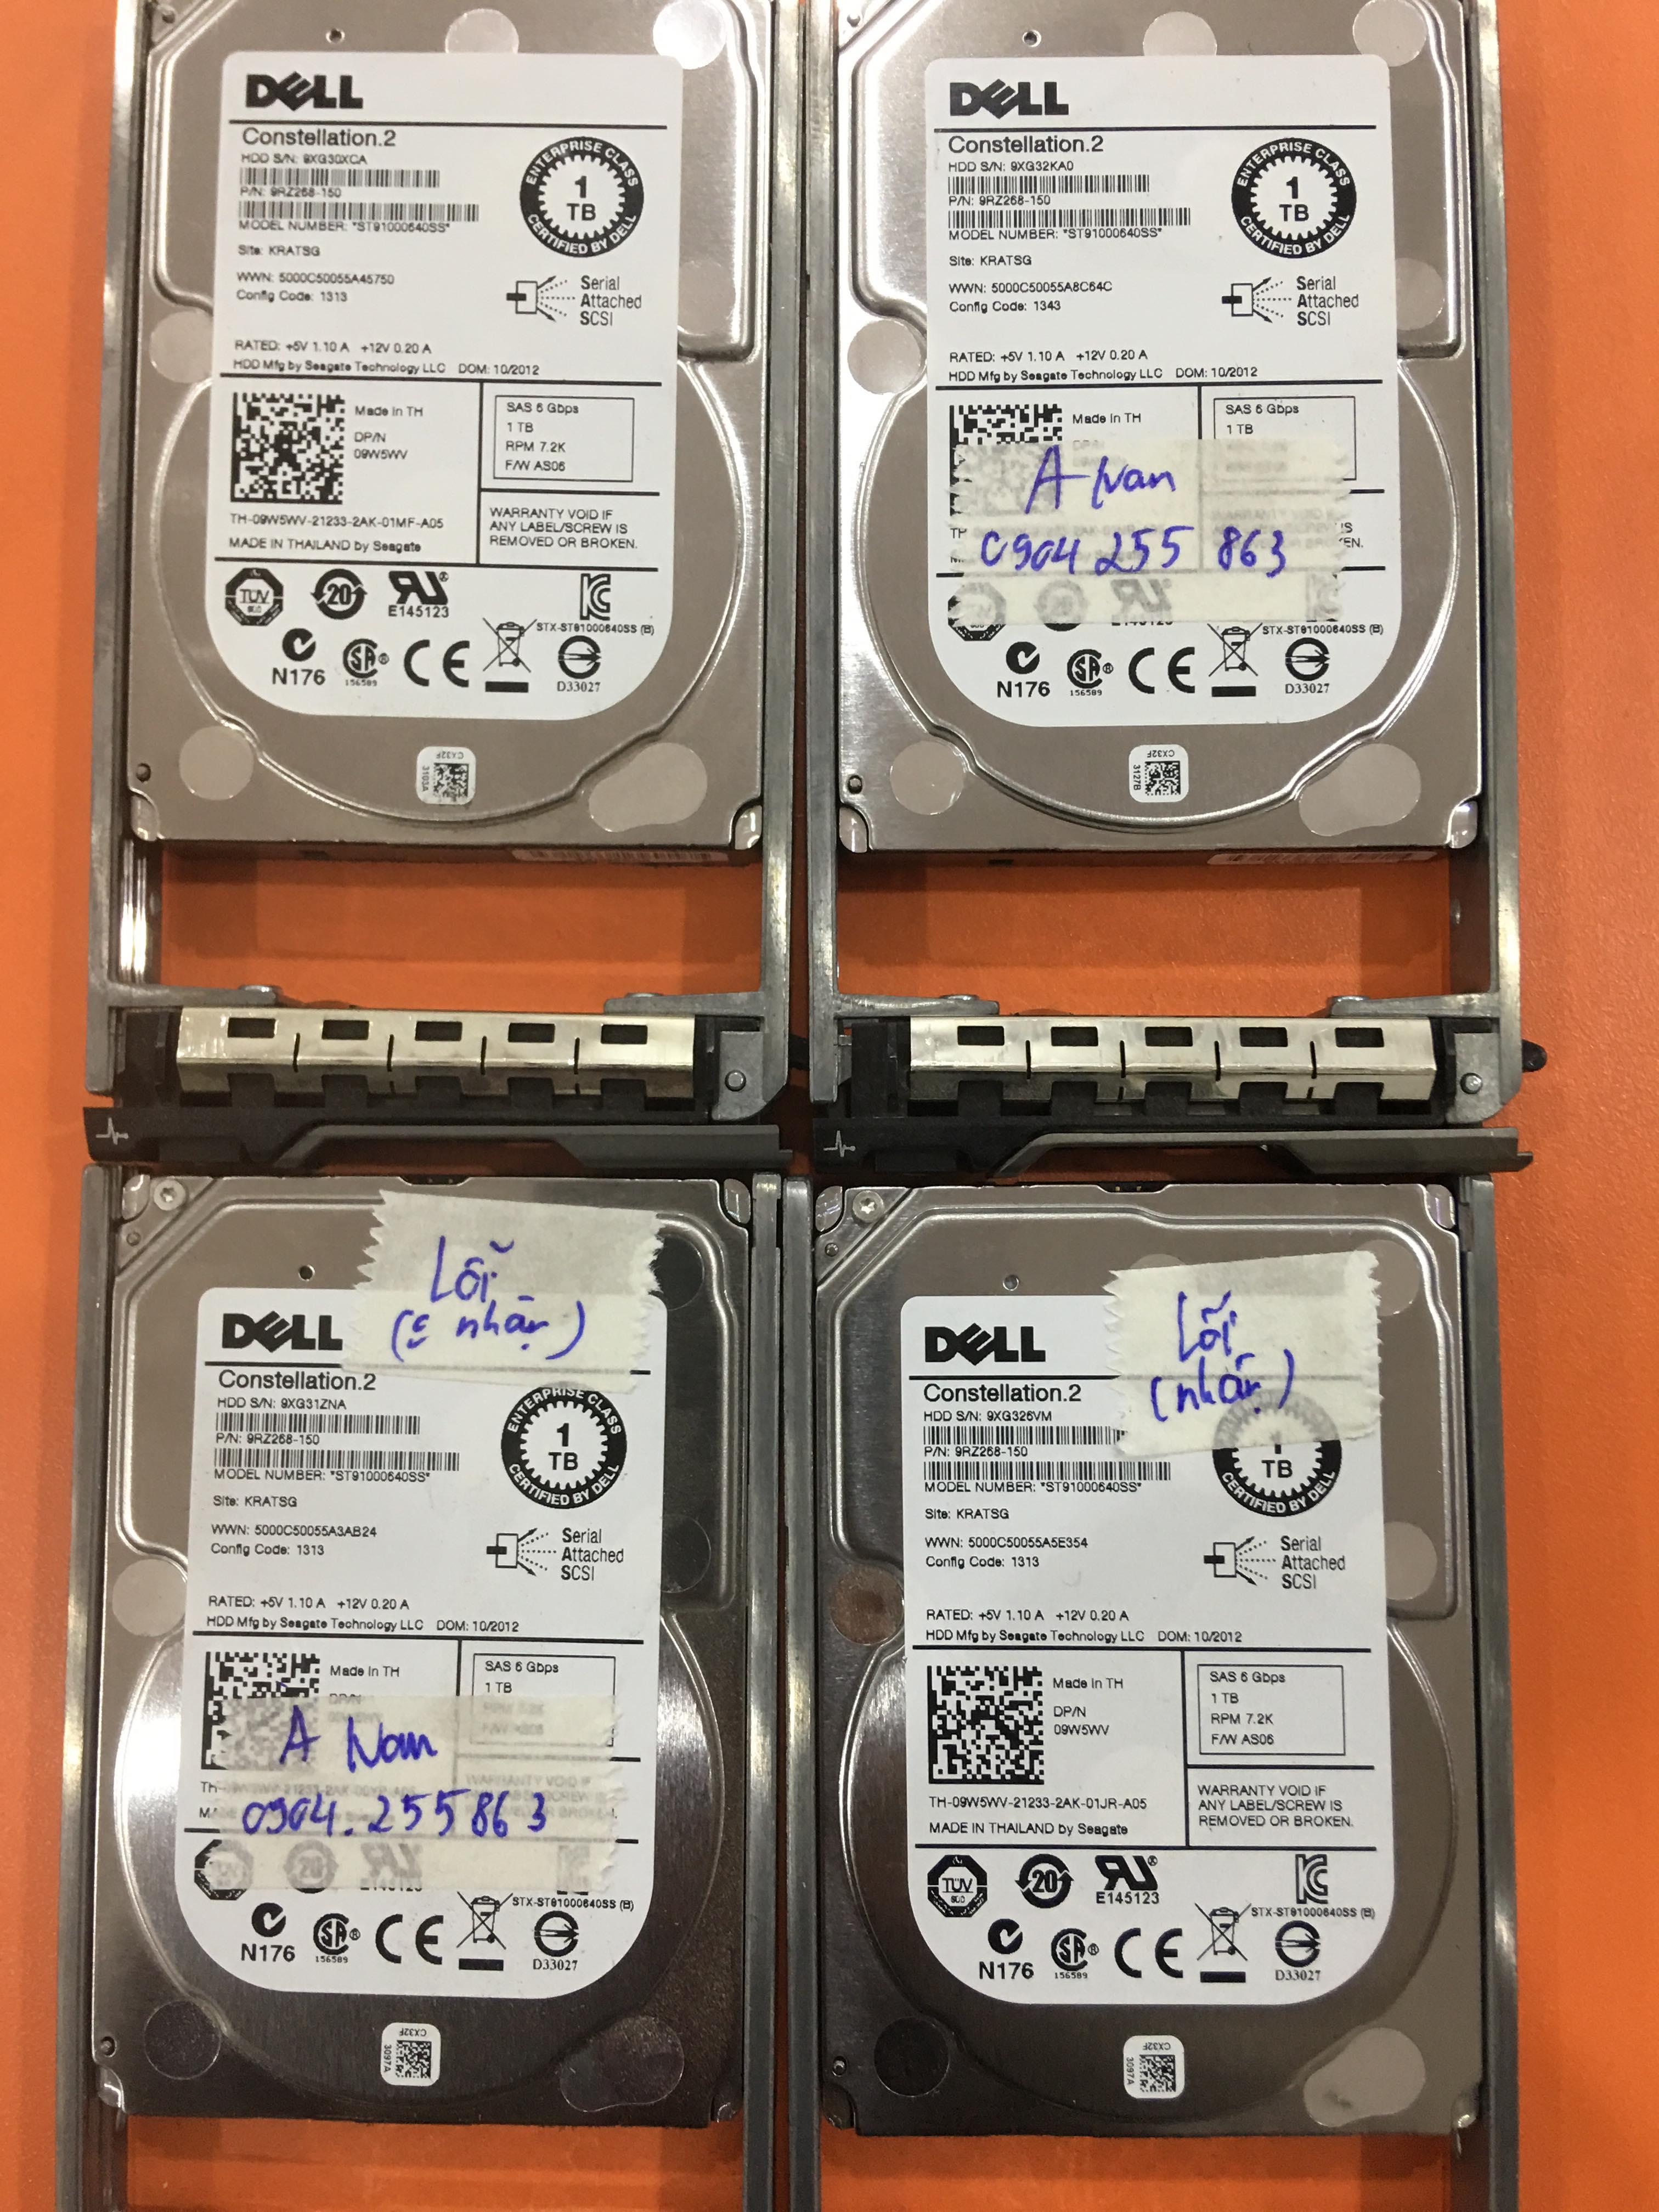 Khôi phục dữ liệu máy chủ Dell với 4HDDx1TB lỗi 2HDD 14/02/2020 - cuumaytinh